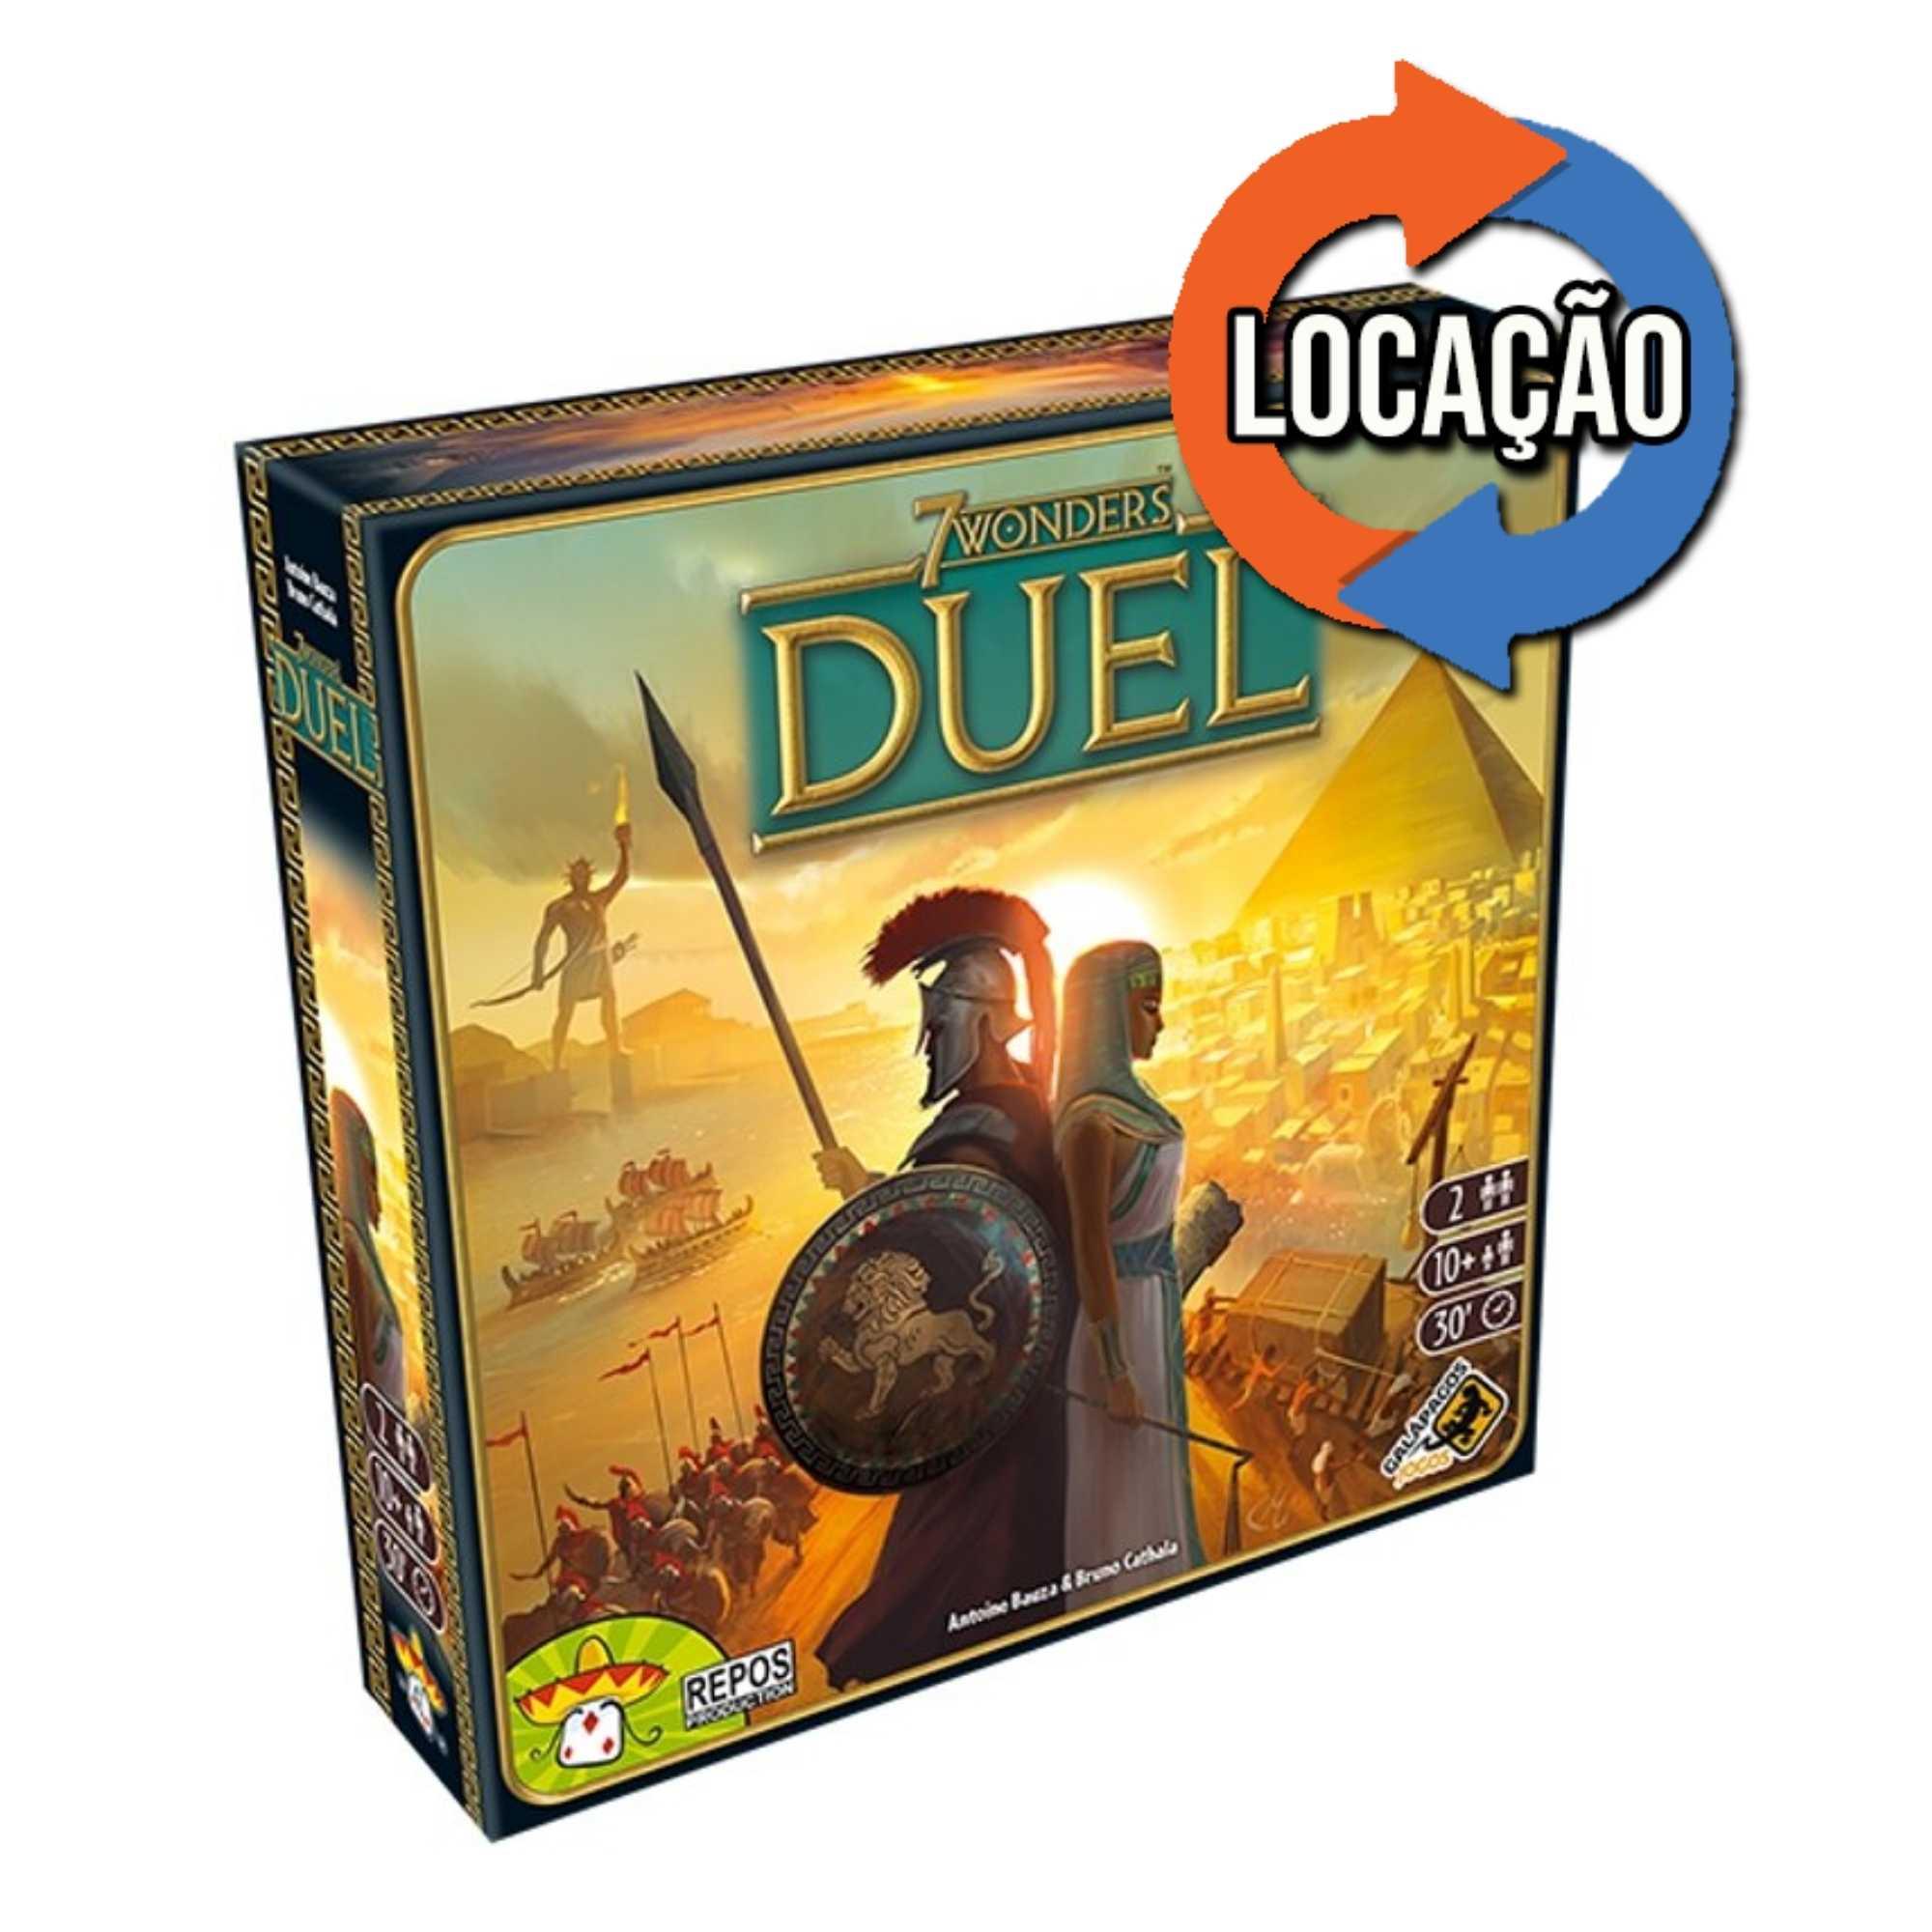 7 Wonders Duel (Locação)